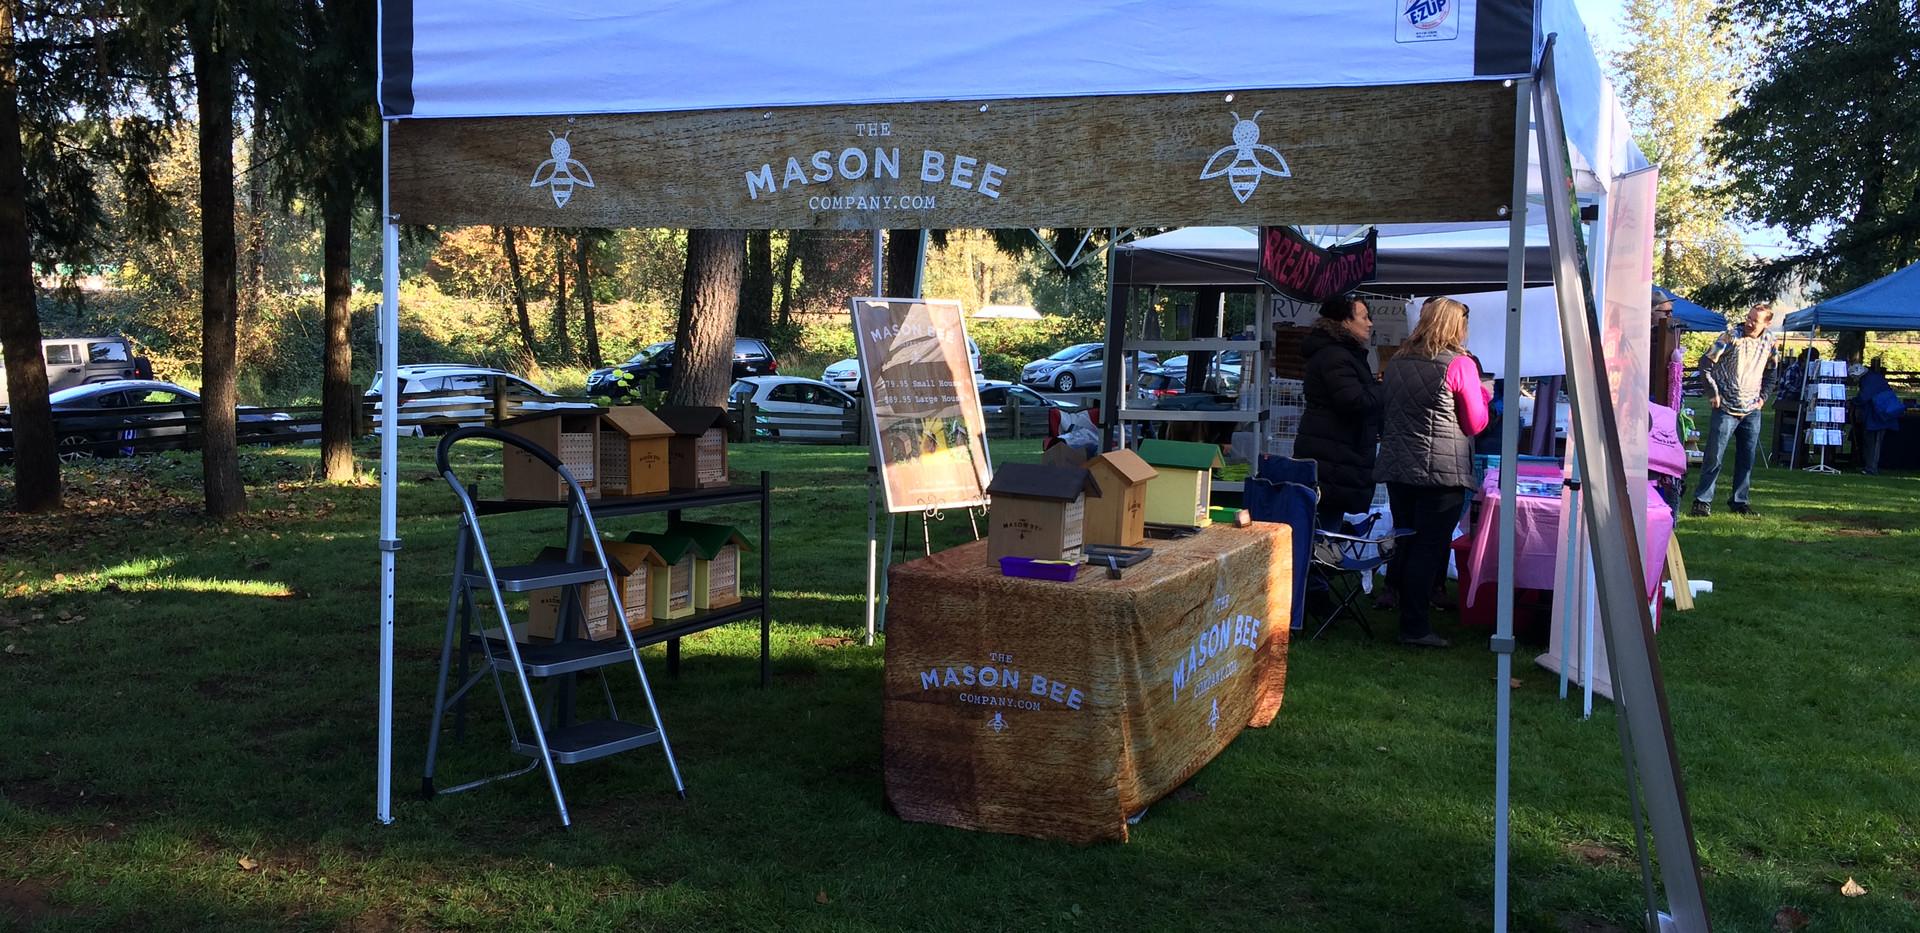 The Mason Bee Company